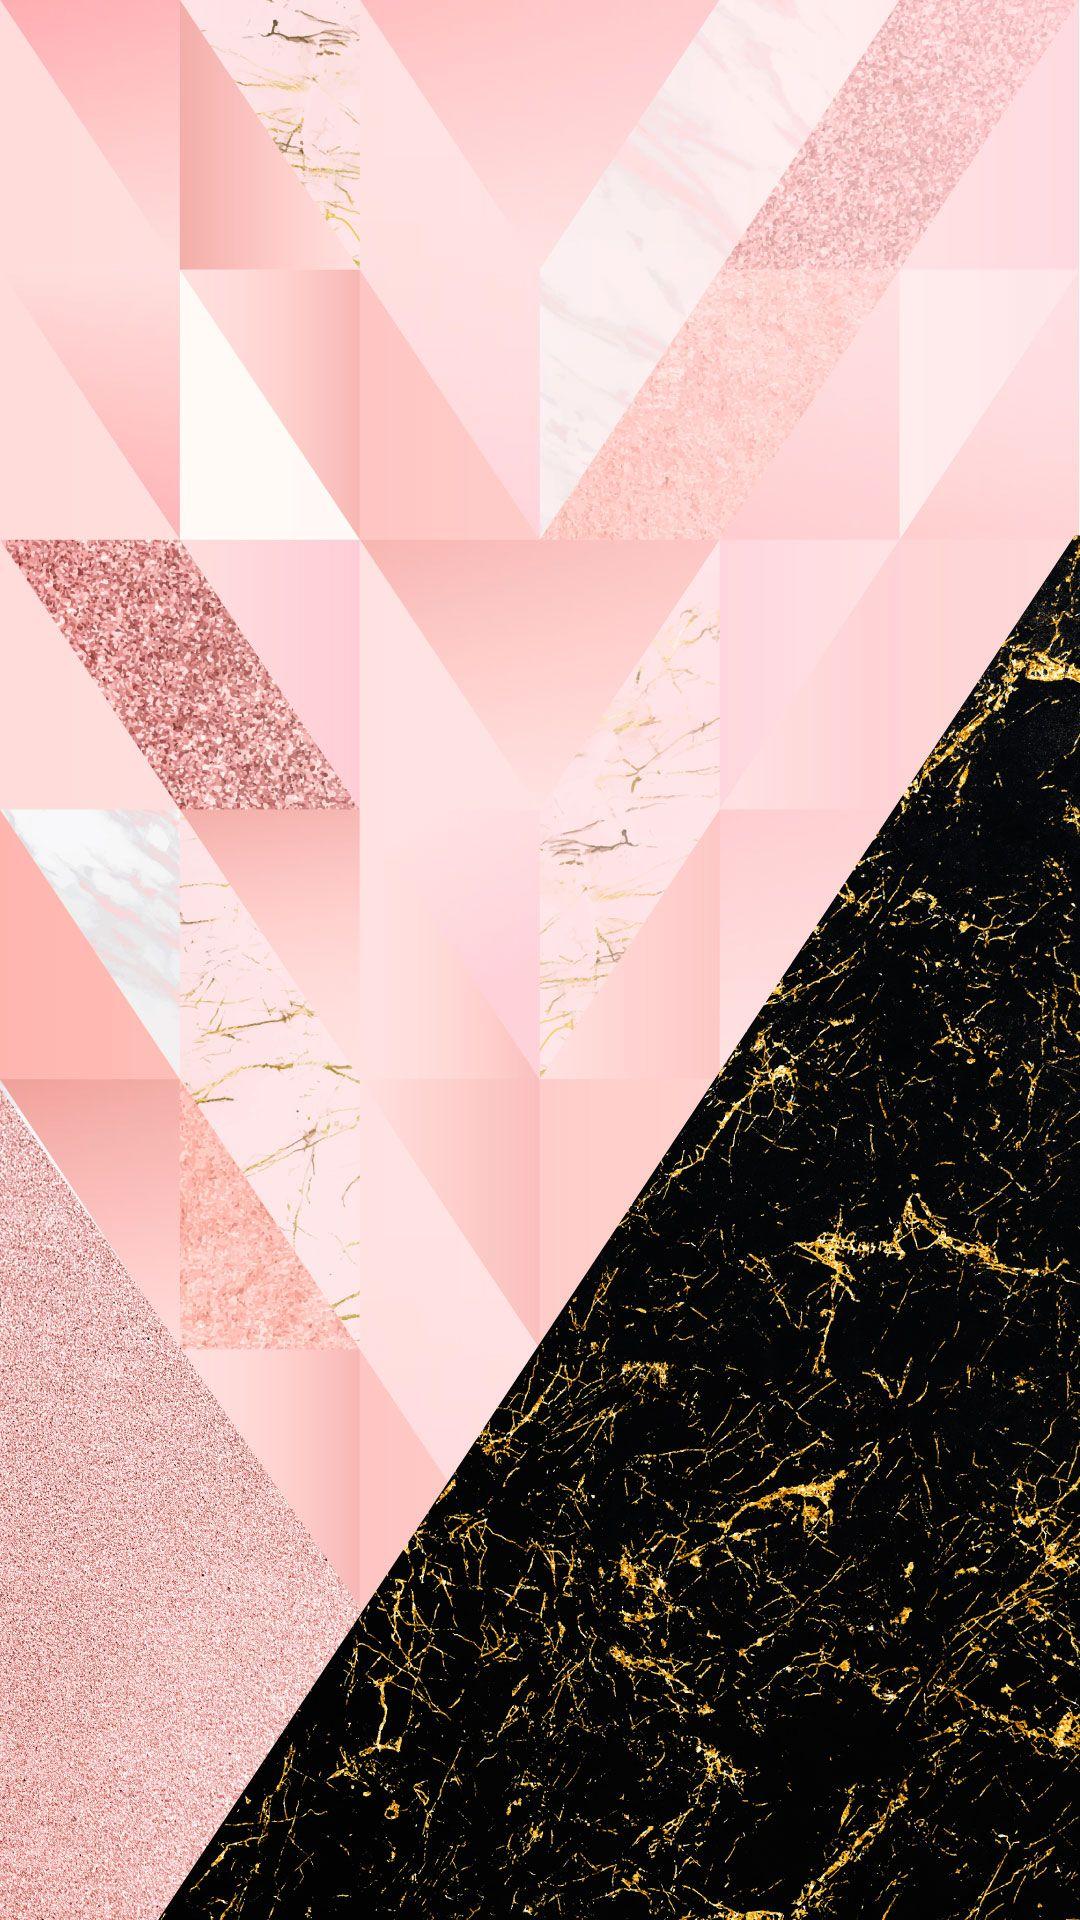 20 Latest Iphone Wallpaper And Background Dengan Gambar Seni